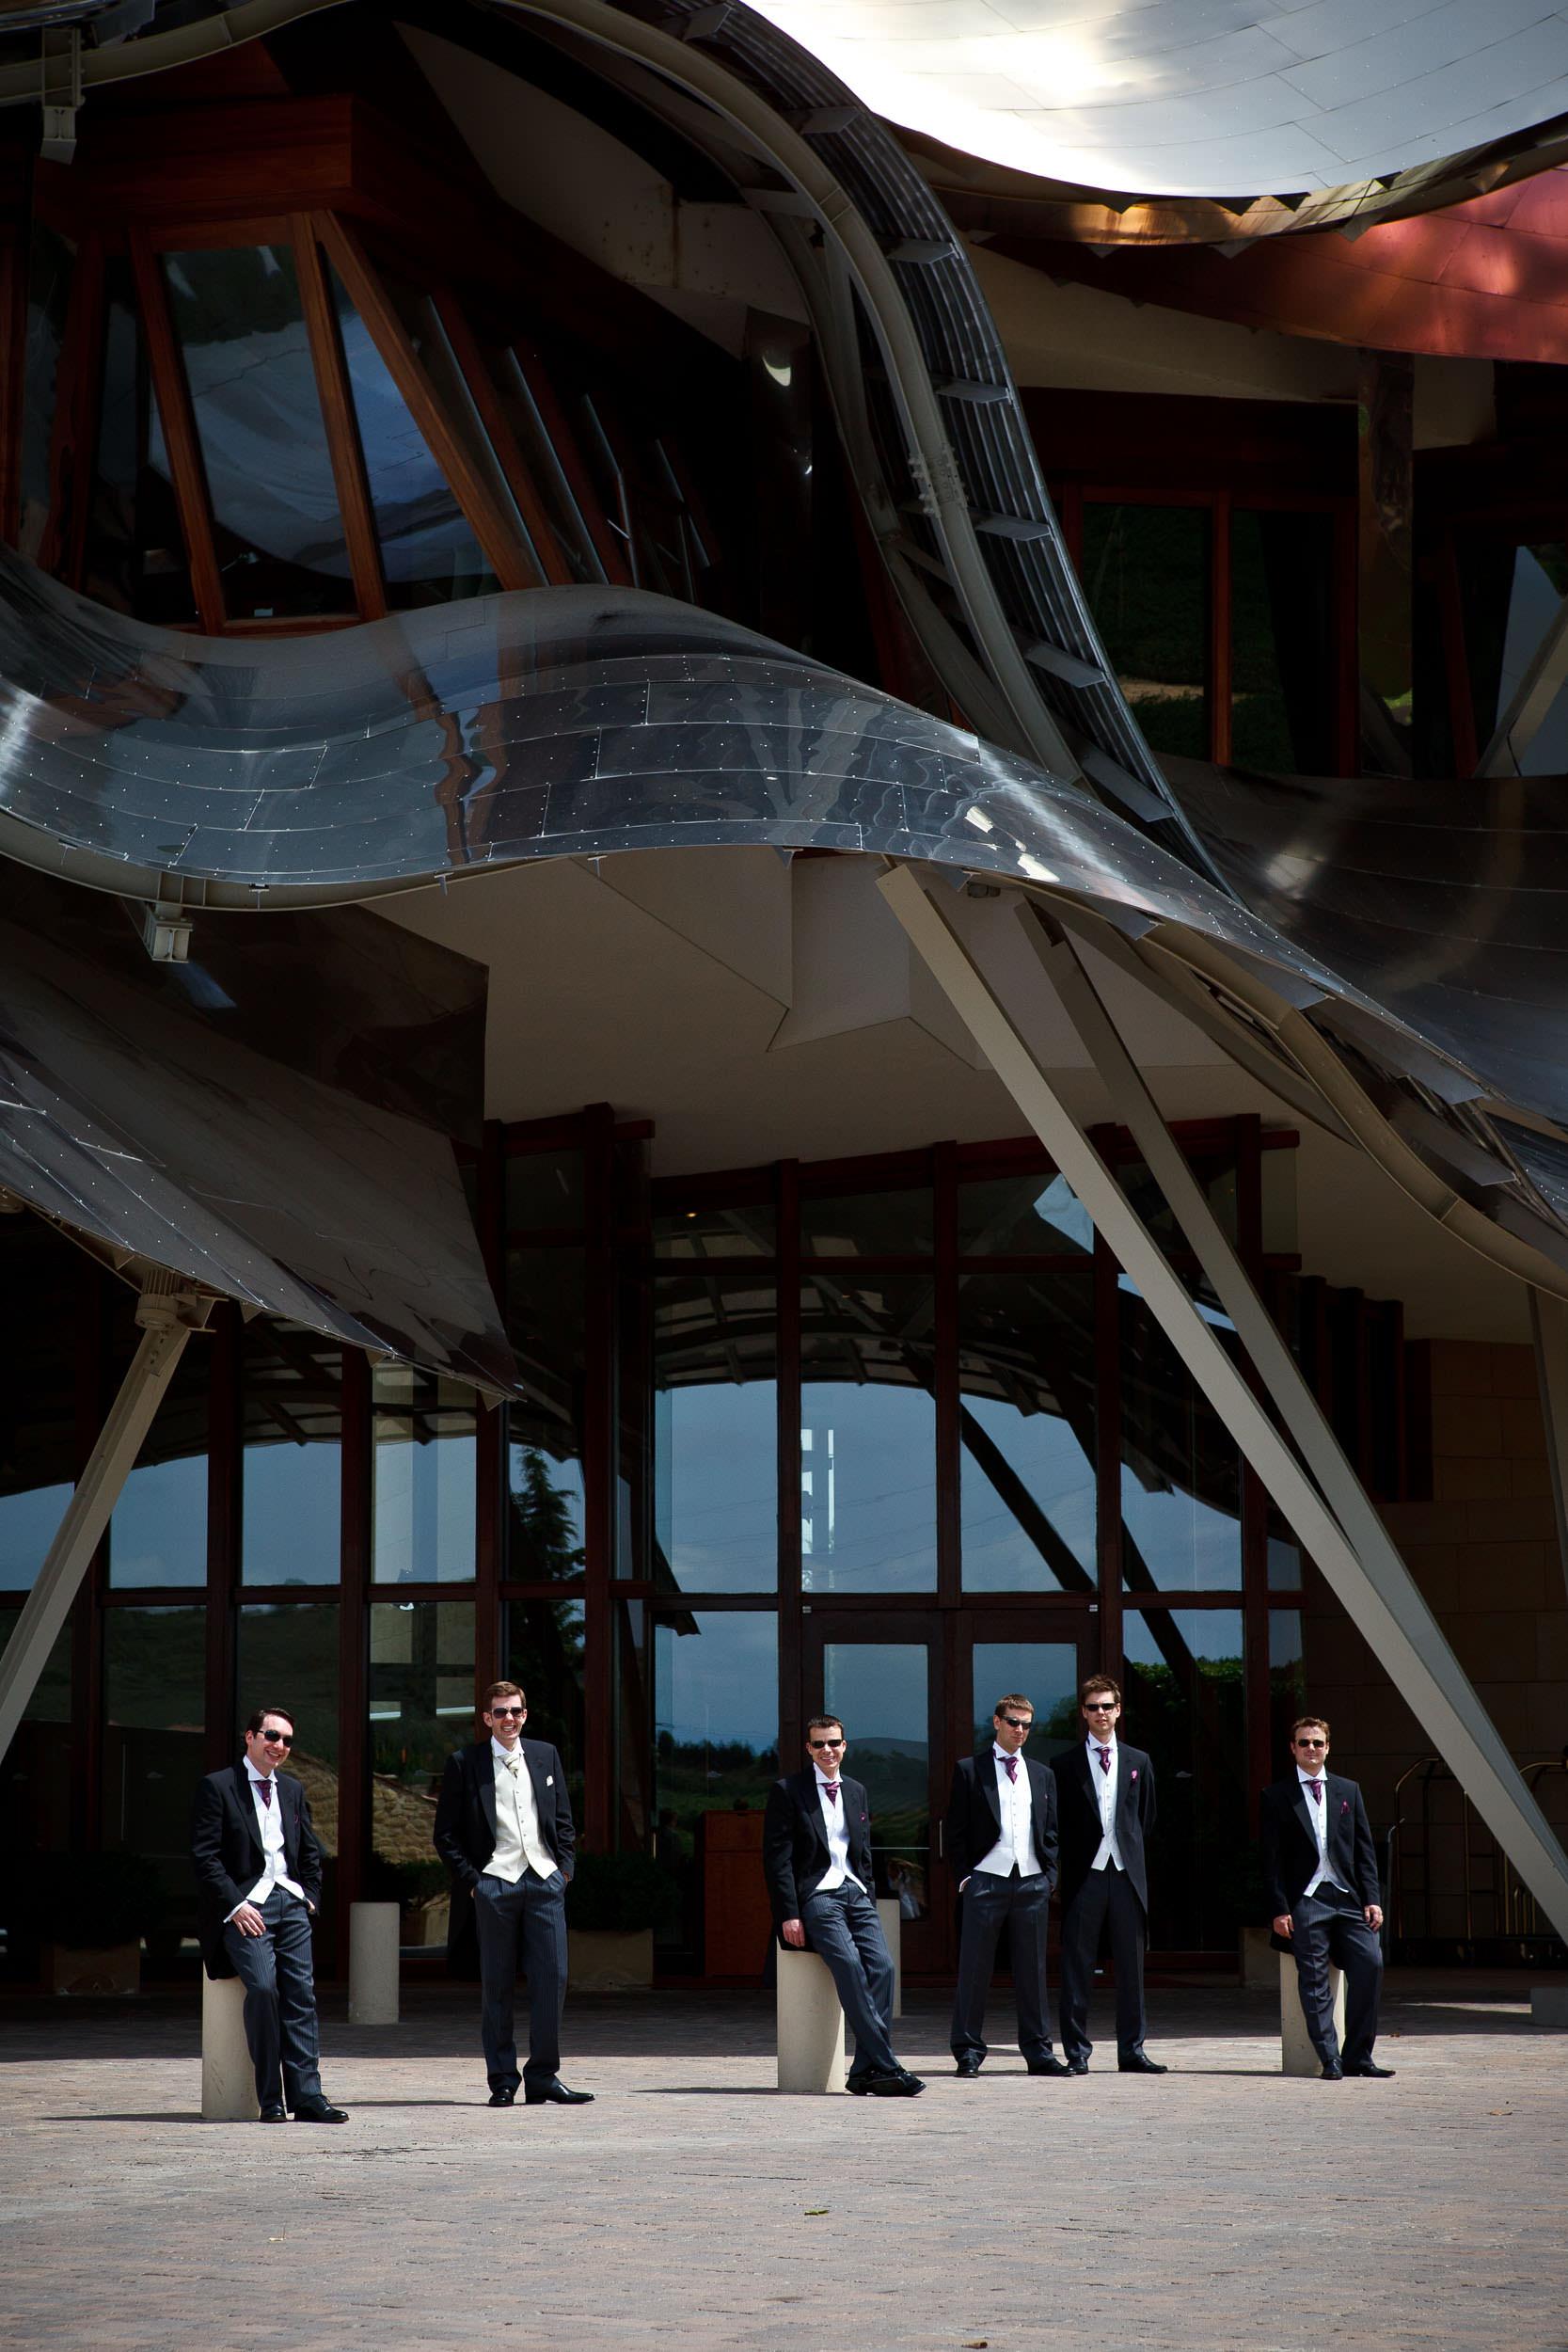 Fotografia de boda La Rioja Pais Vasco España - James Sturcke - sturcke.org_009.jpg